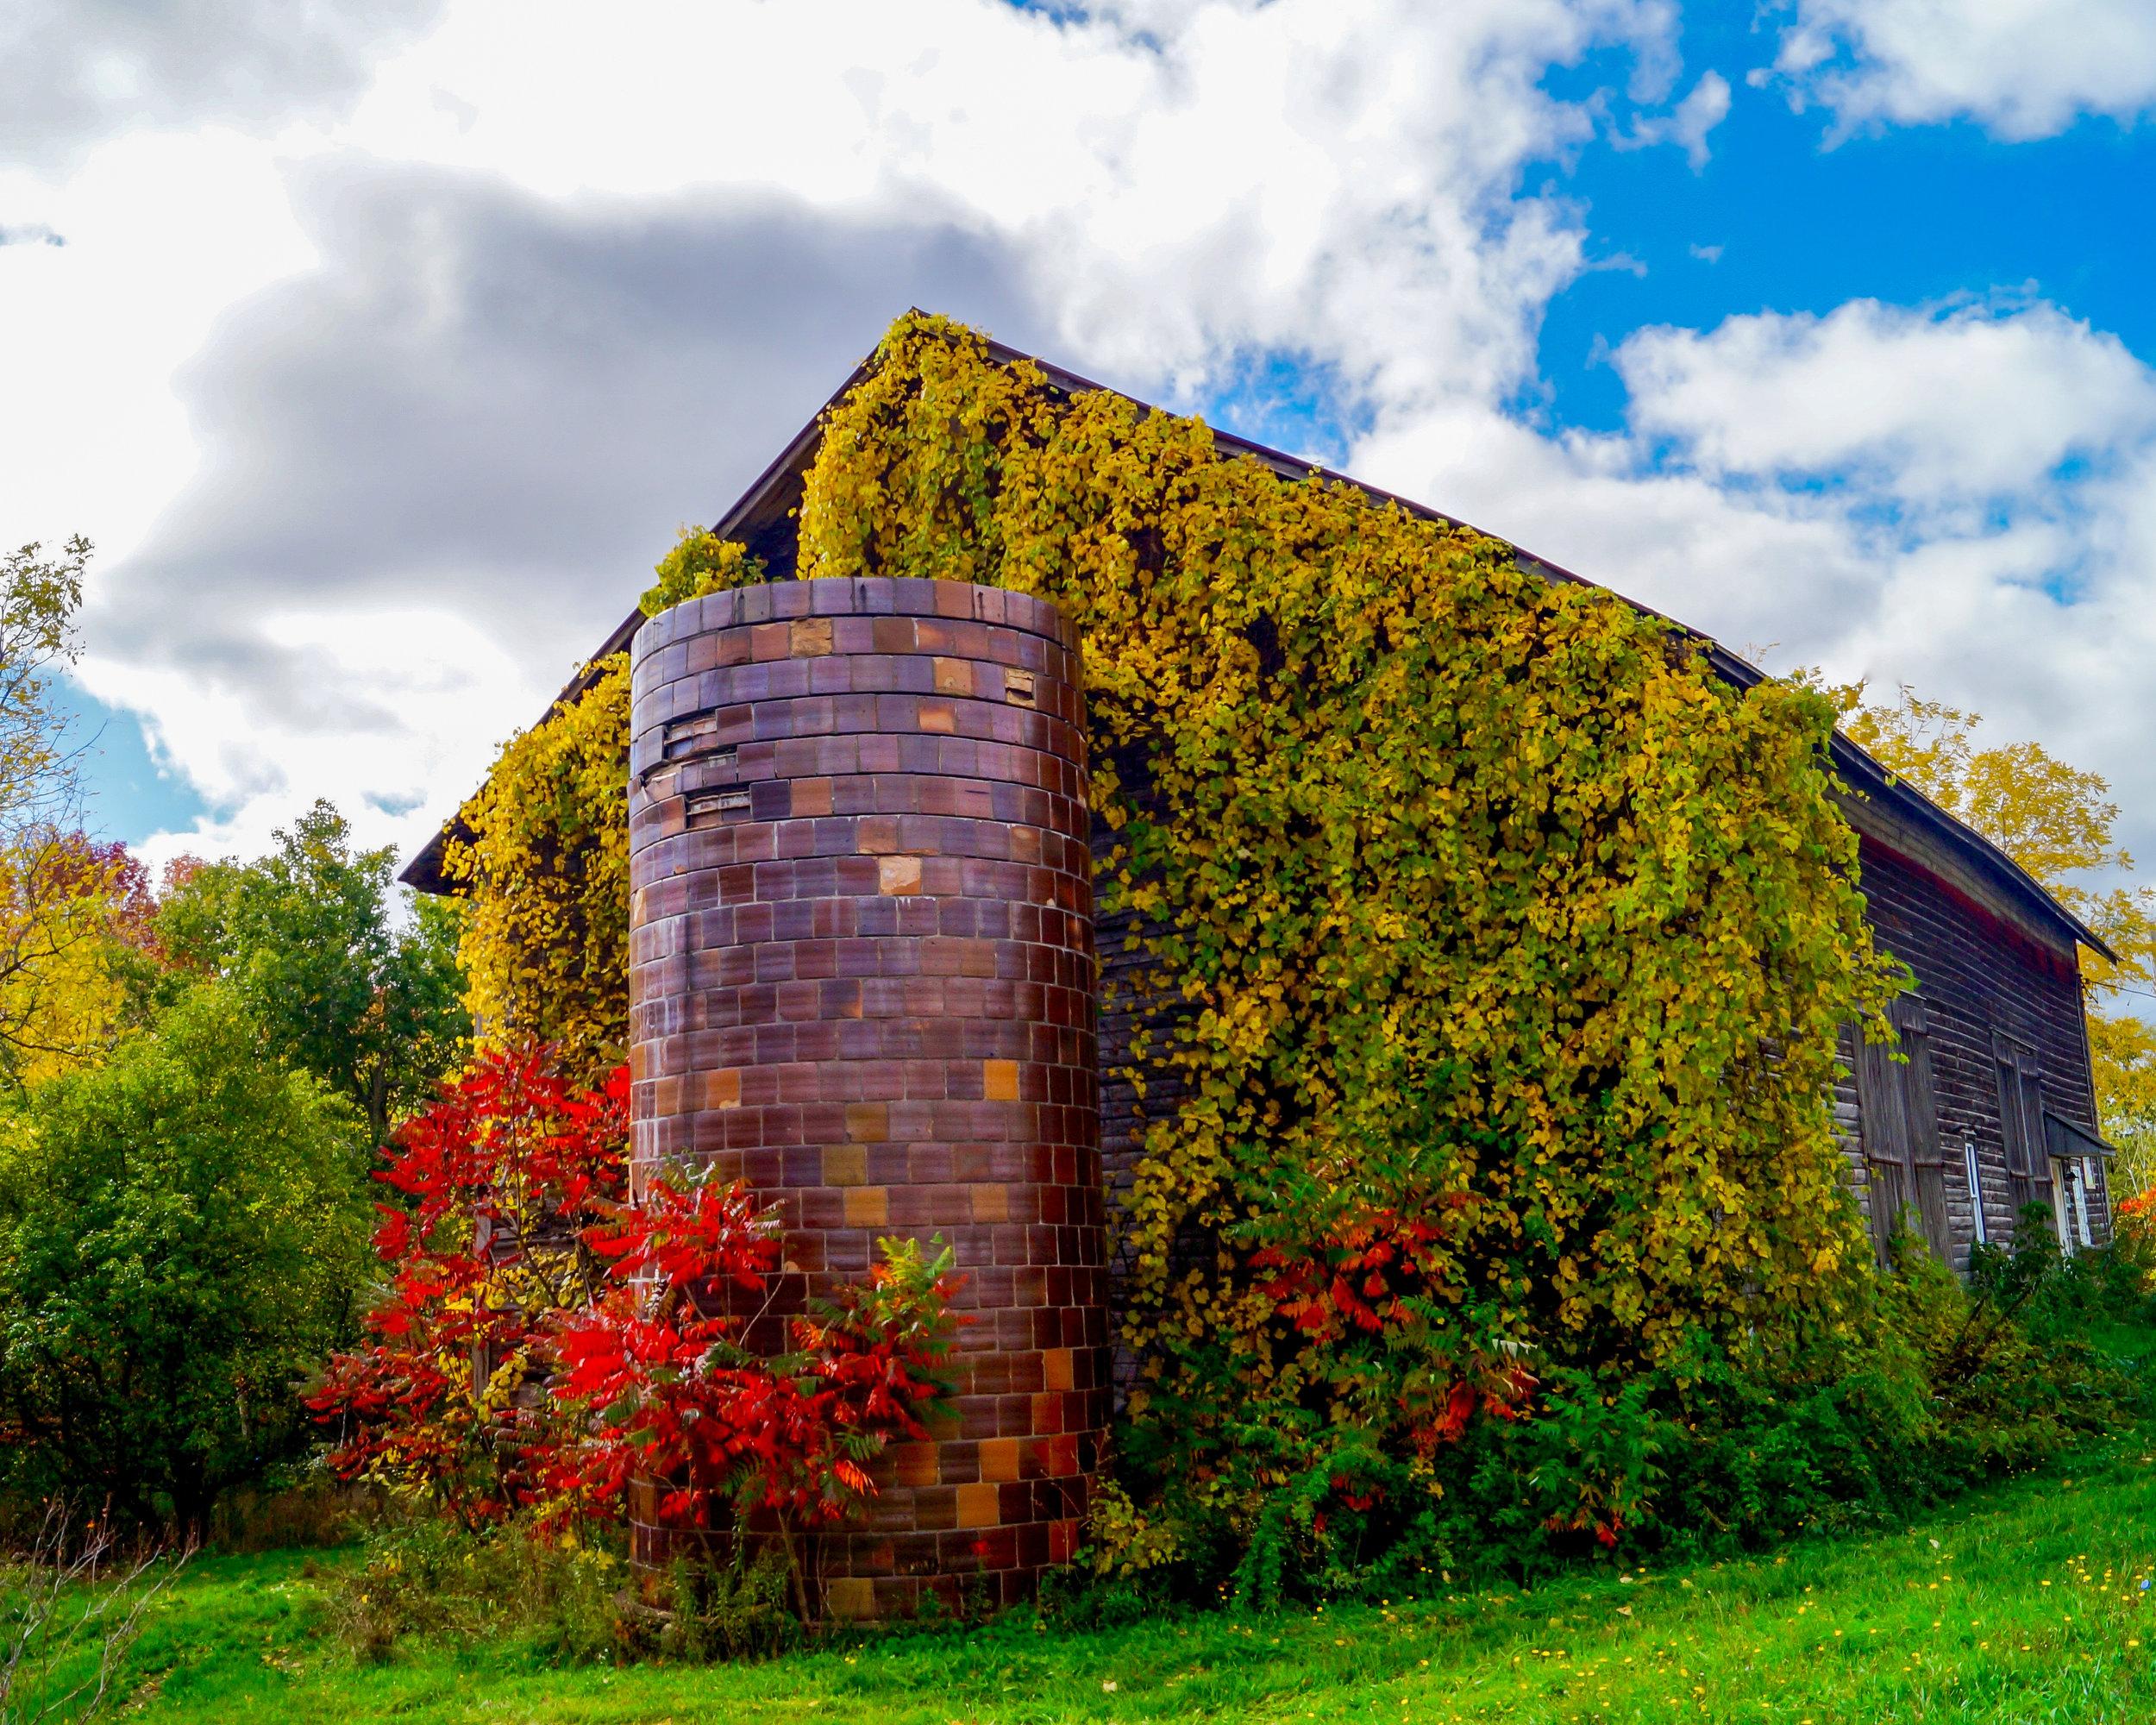 Fall Roadside Barn